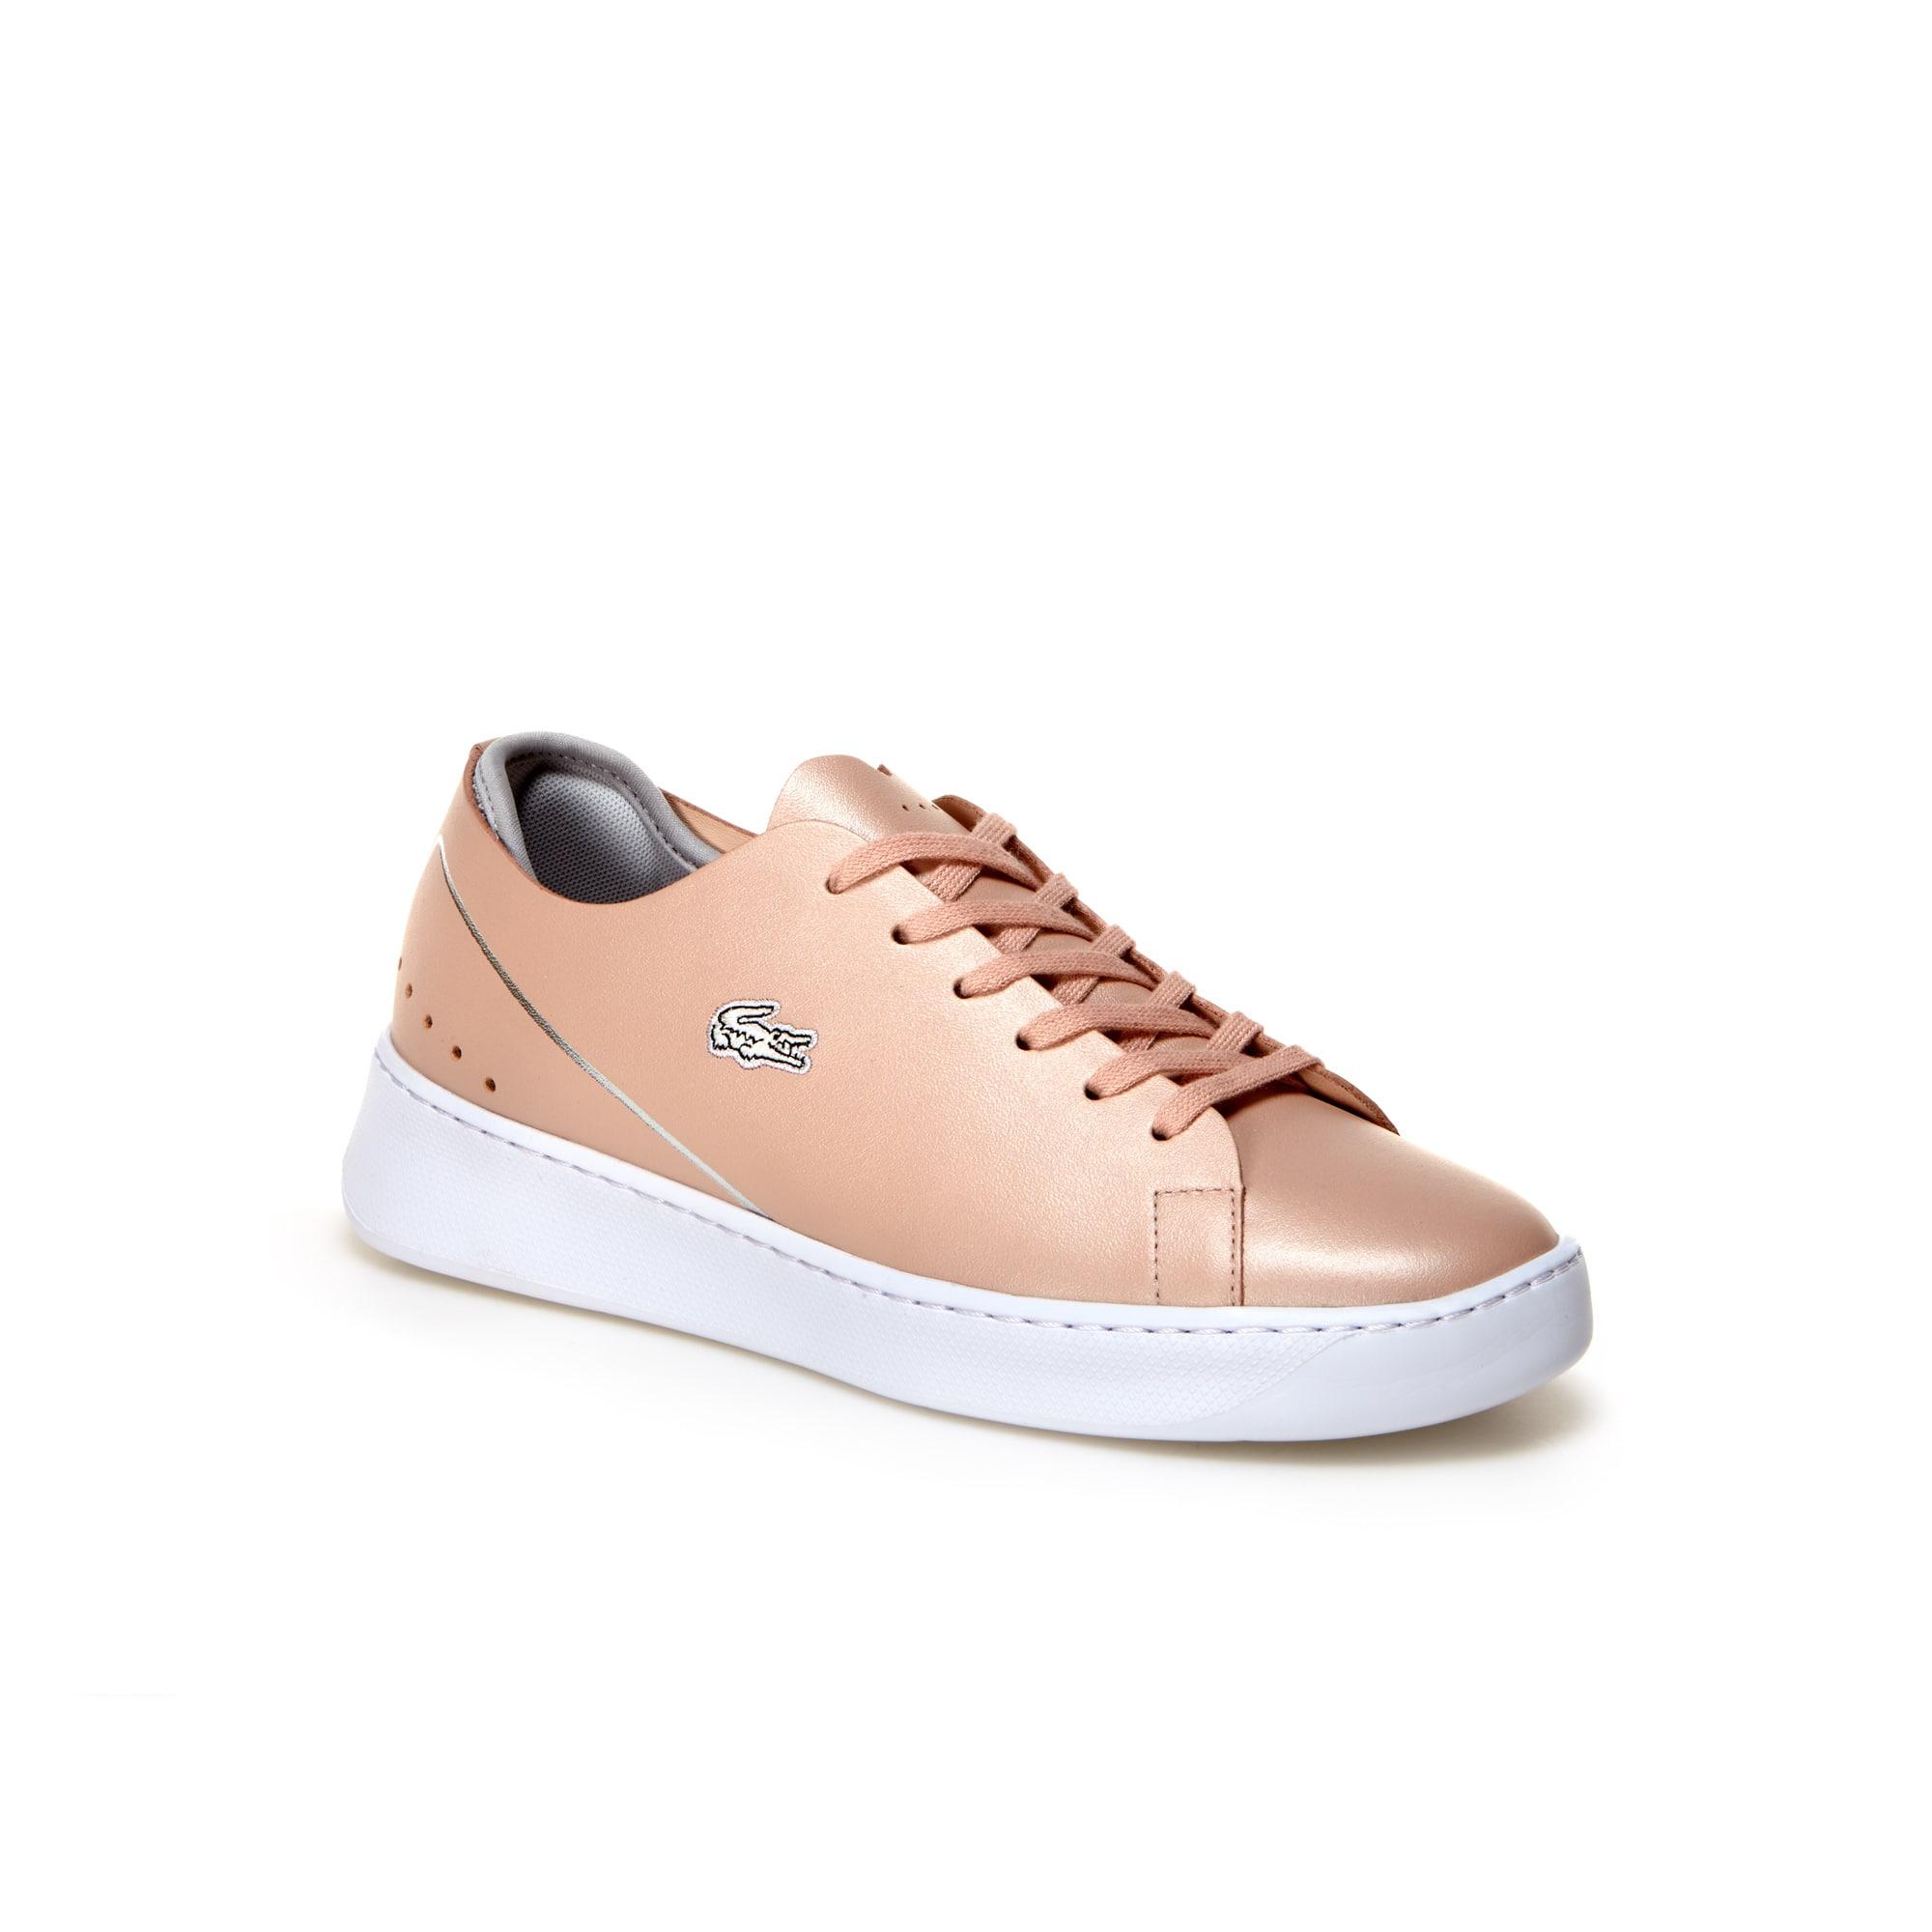 Sneakers Eyyla in pelle